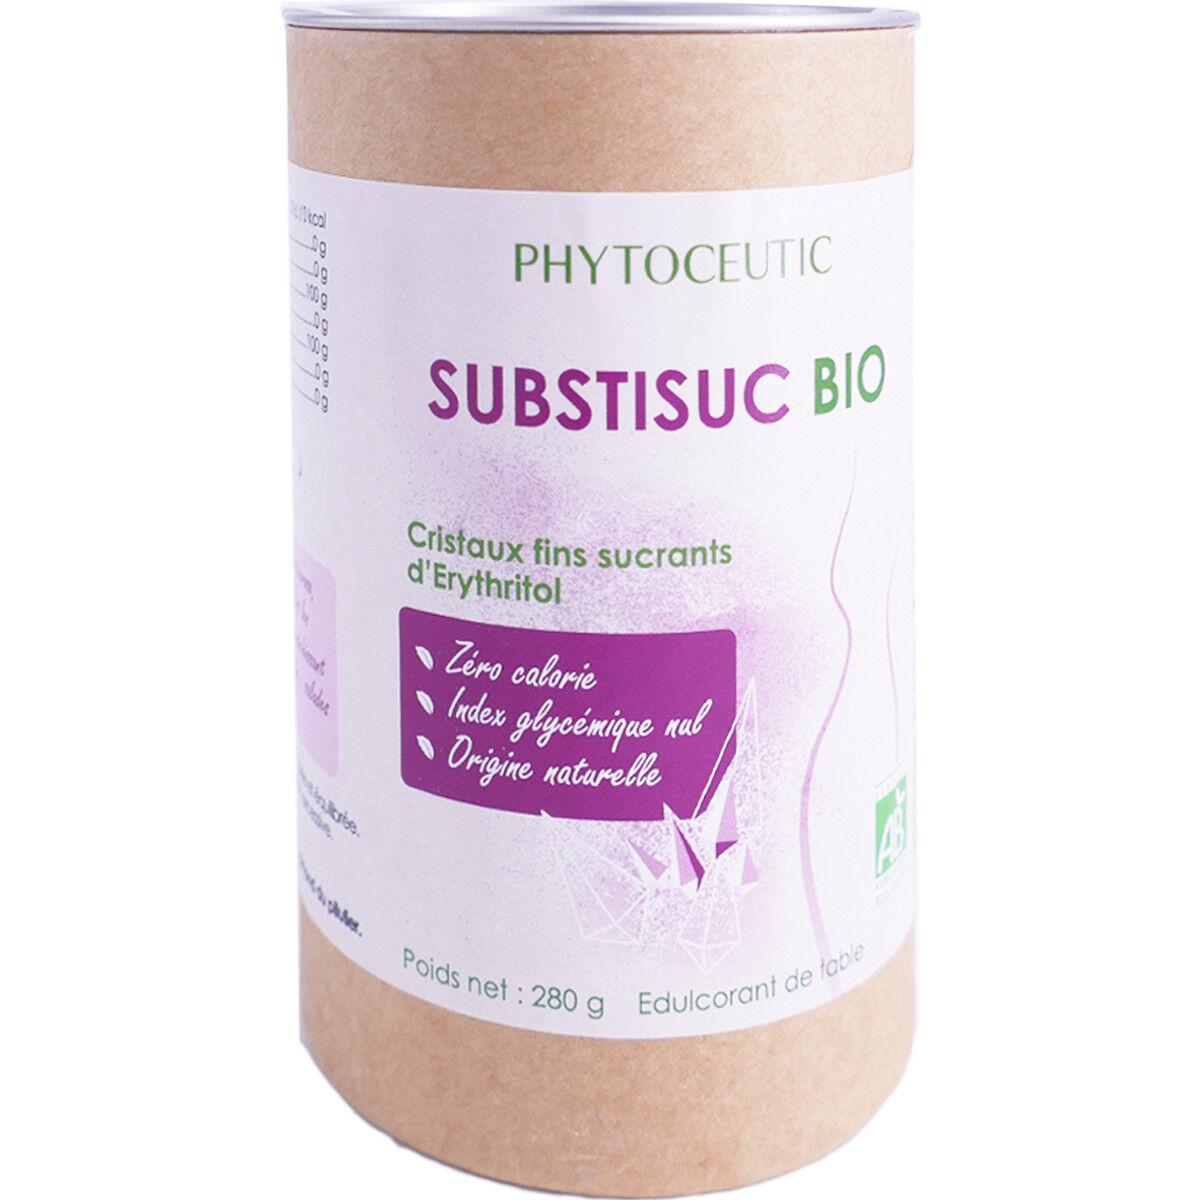 Phytoceutic substisuc bio 280g